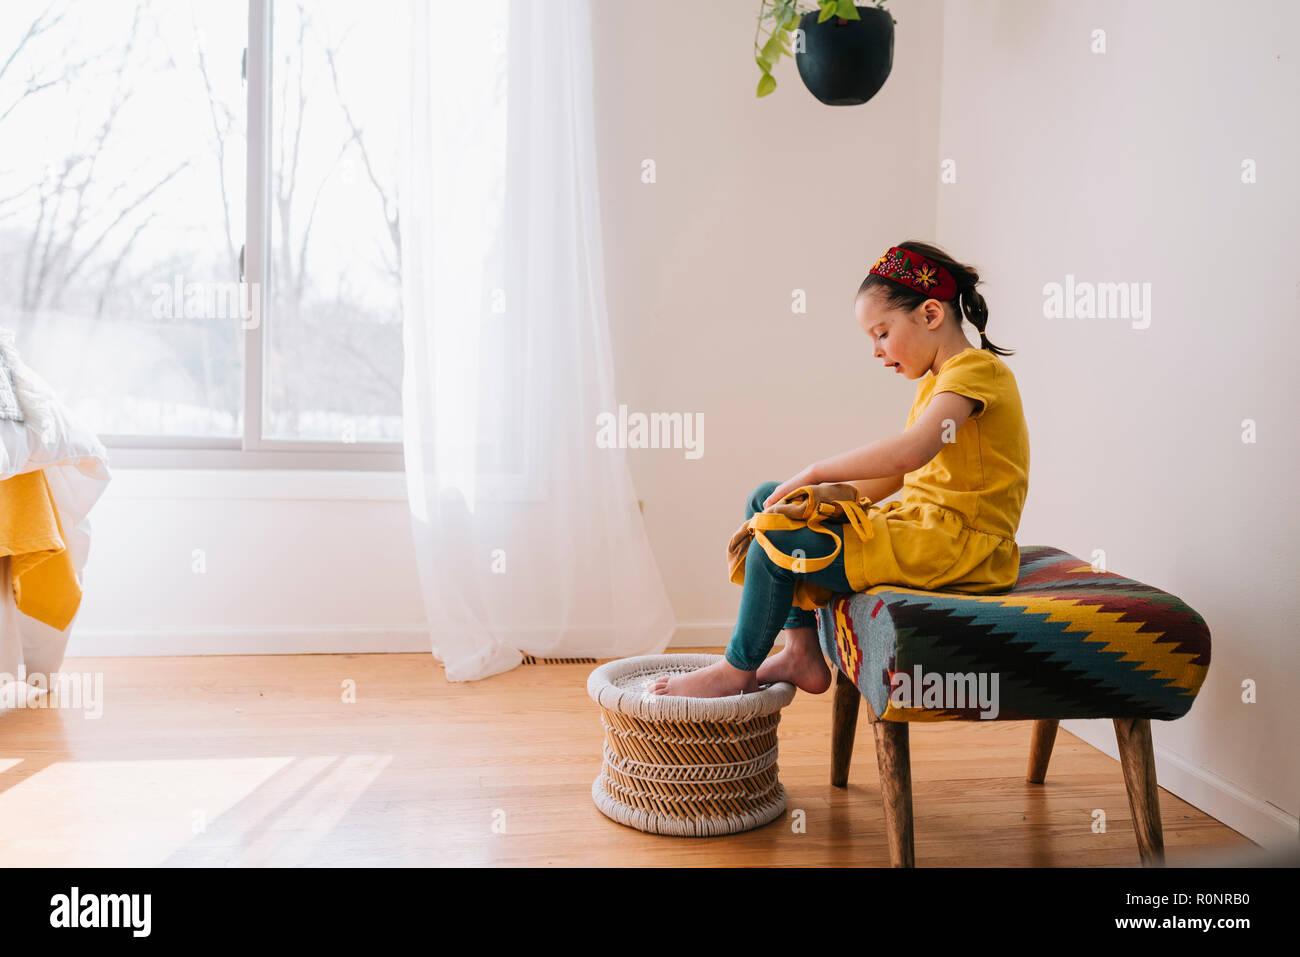 Ragazza seduta su uno sgabello chiudendo il suo zaino foto